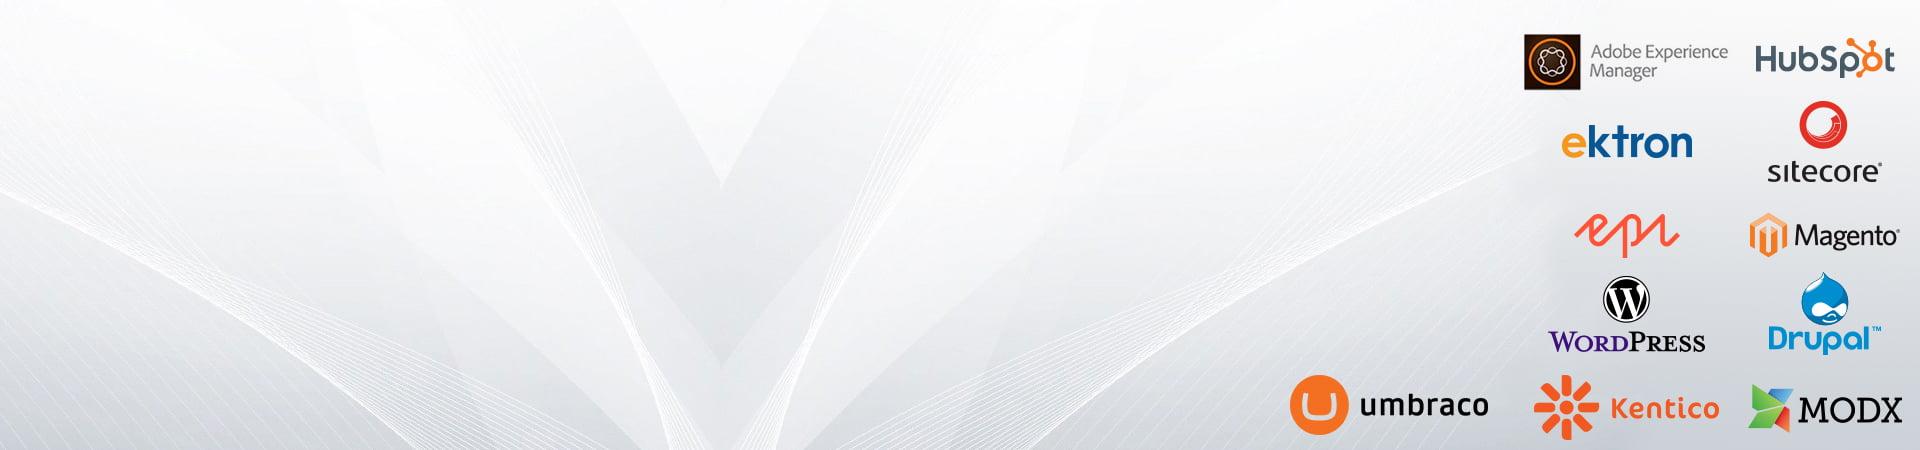 CMS-Slide-205_02